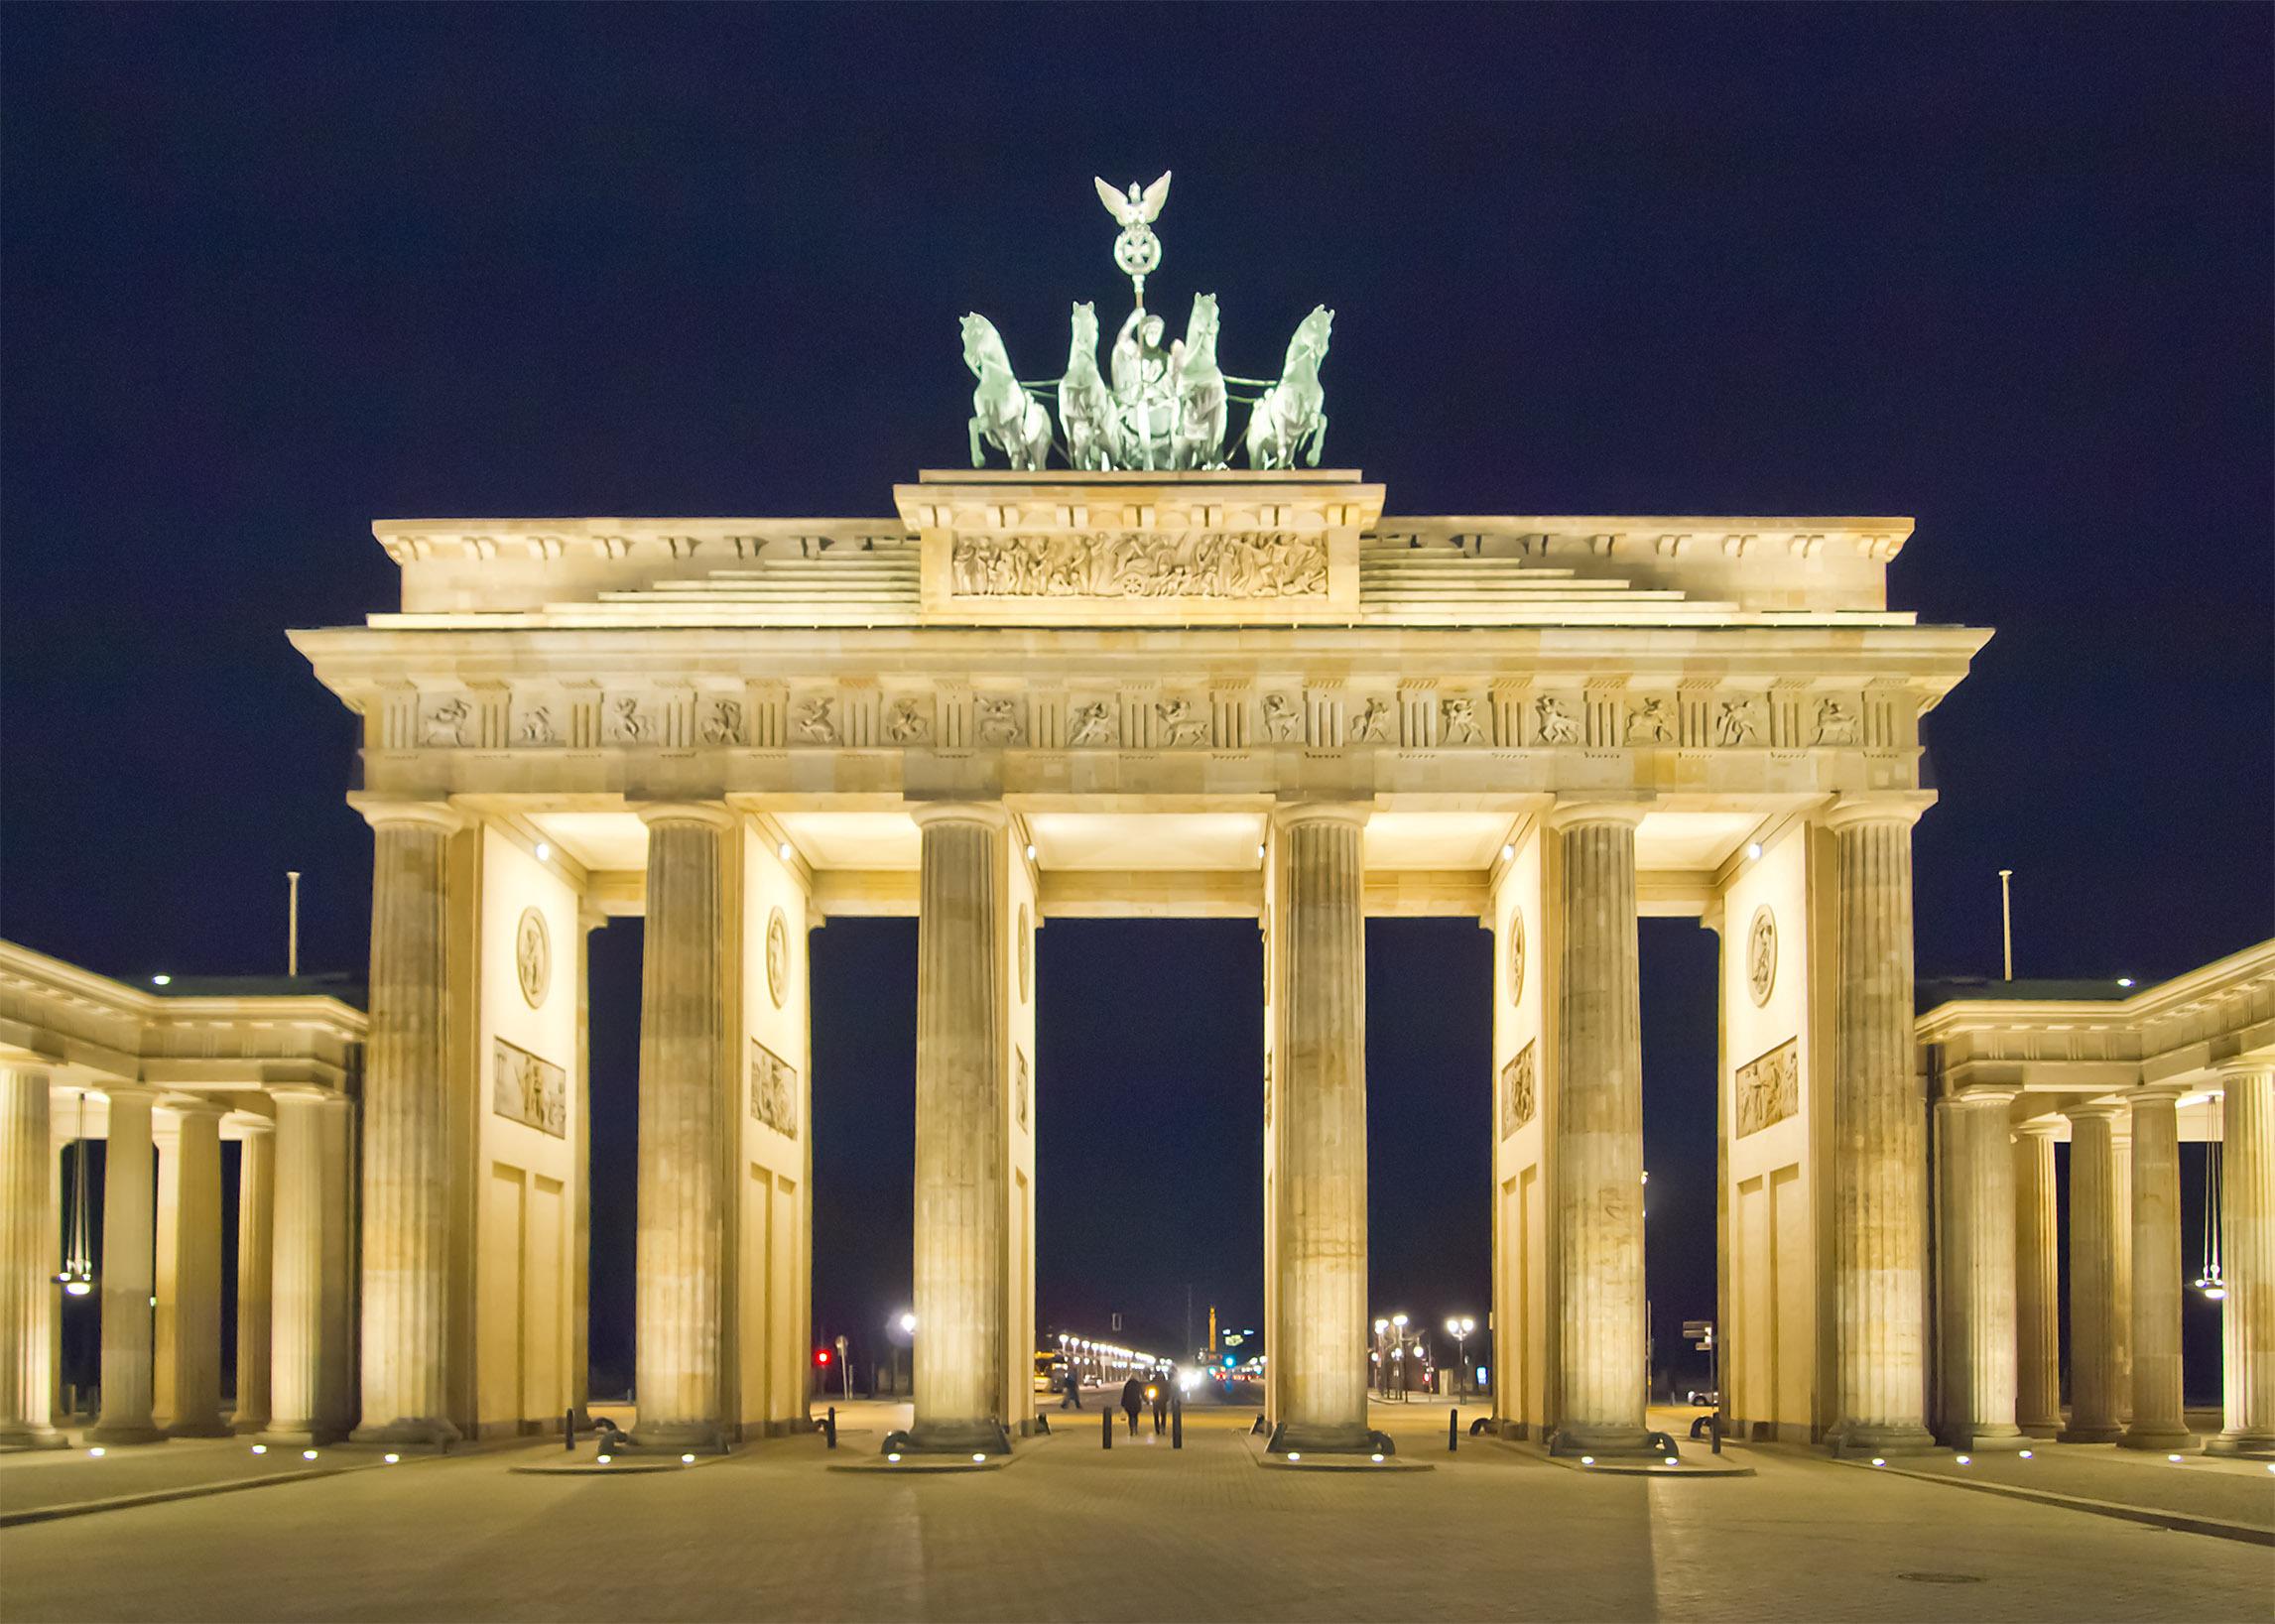 Berlin Images